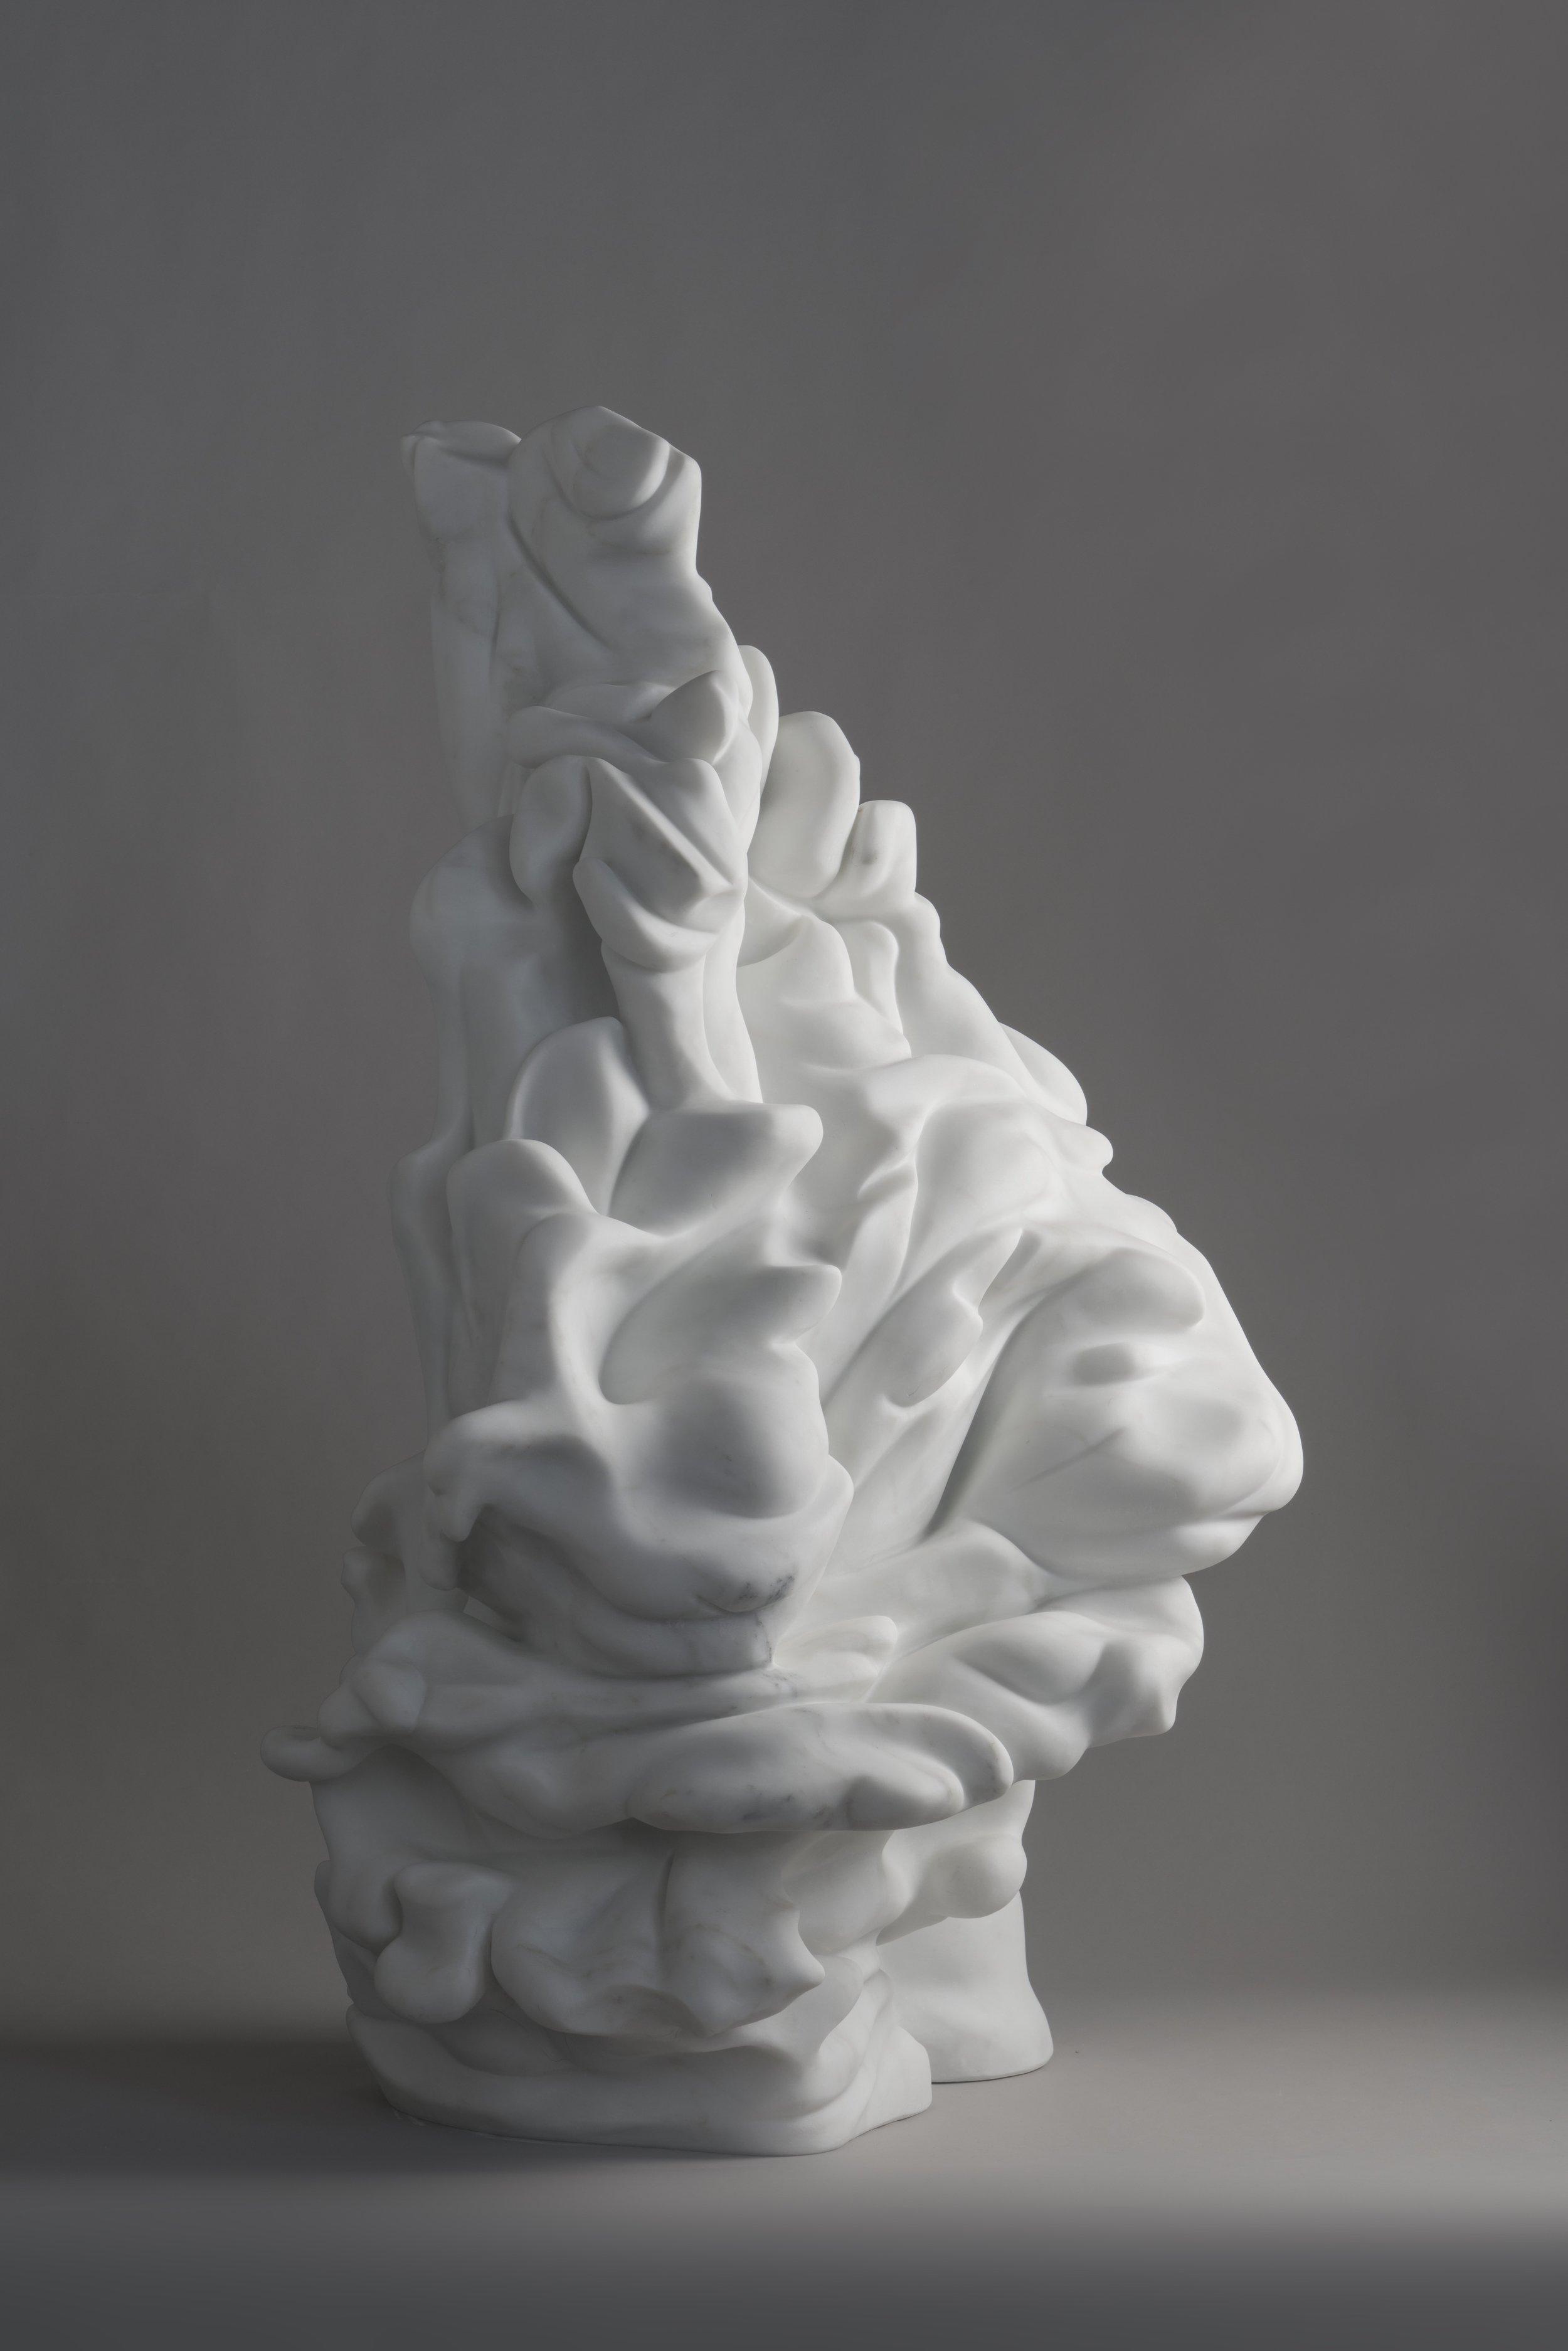 tutelar, 2018, statuario marble, 95 x 50 x 50 cm